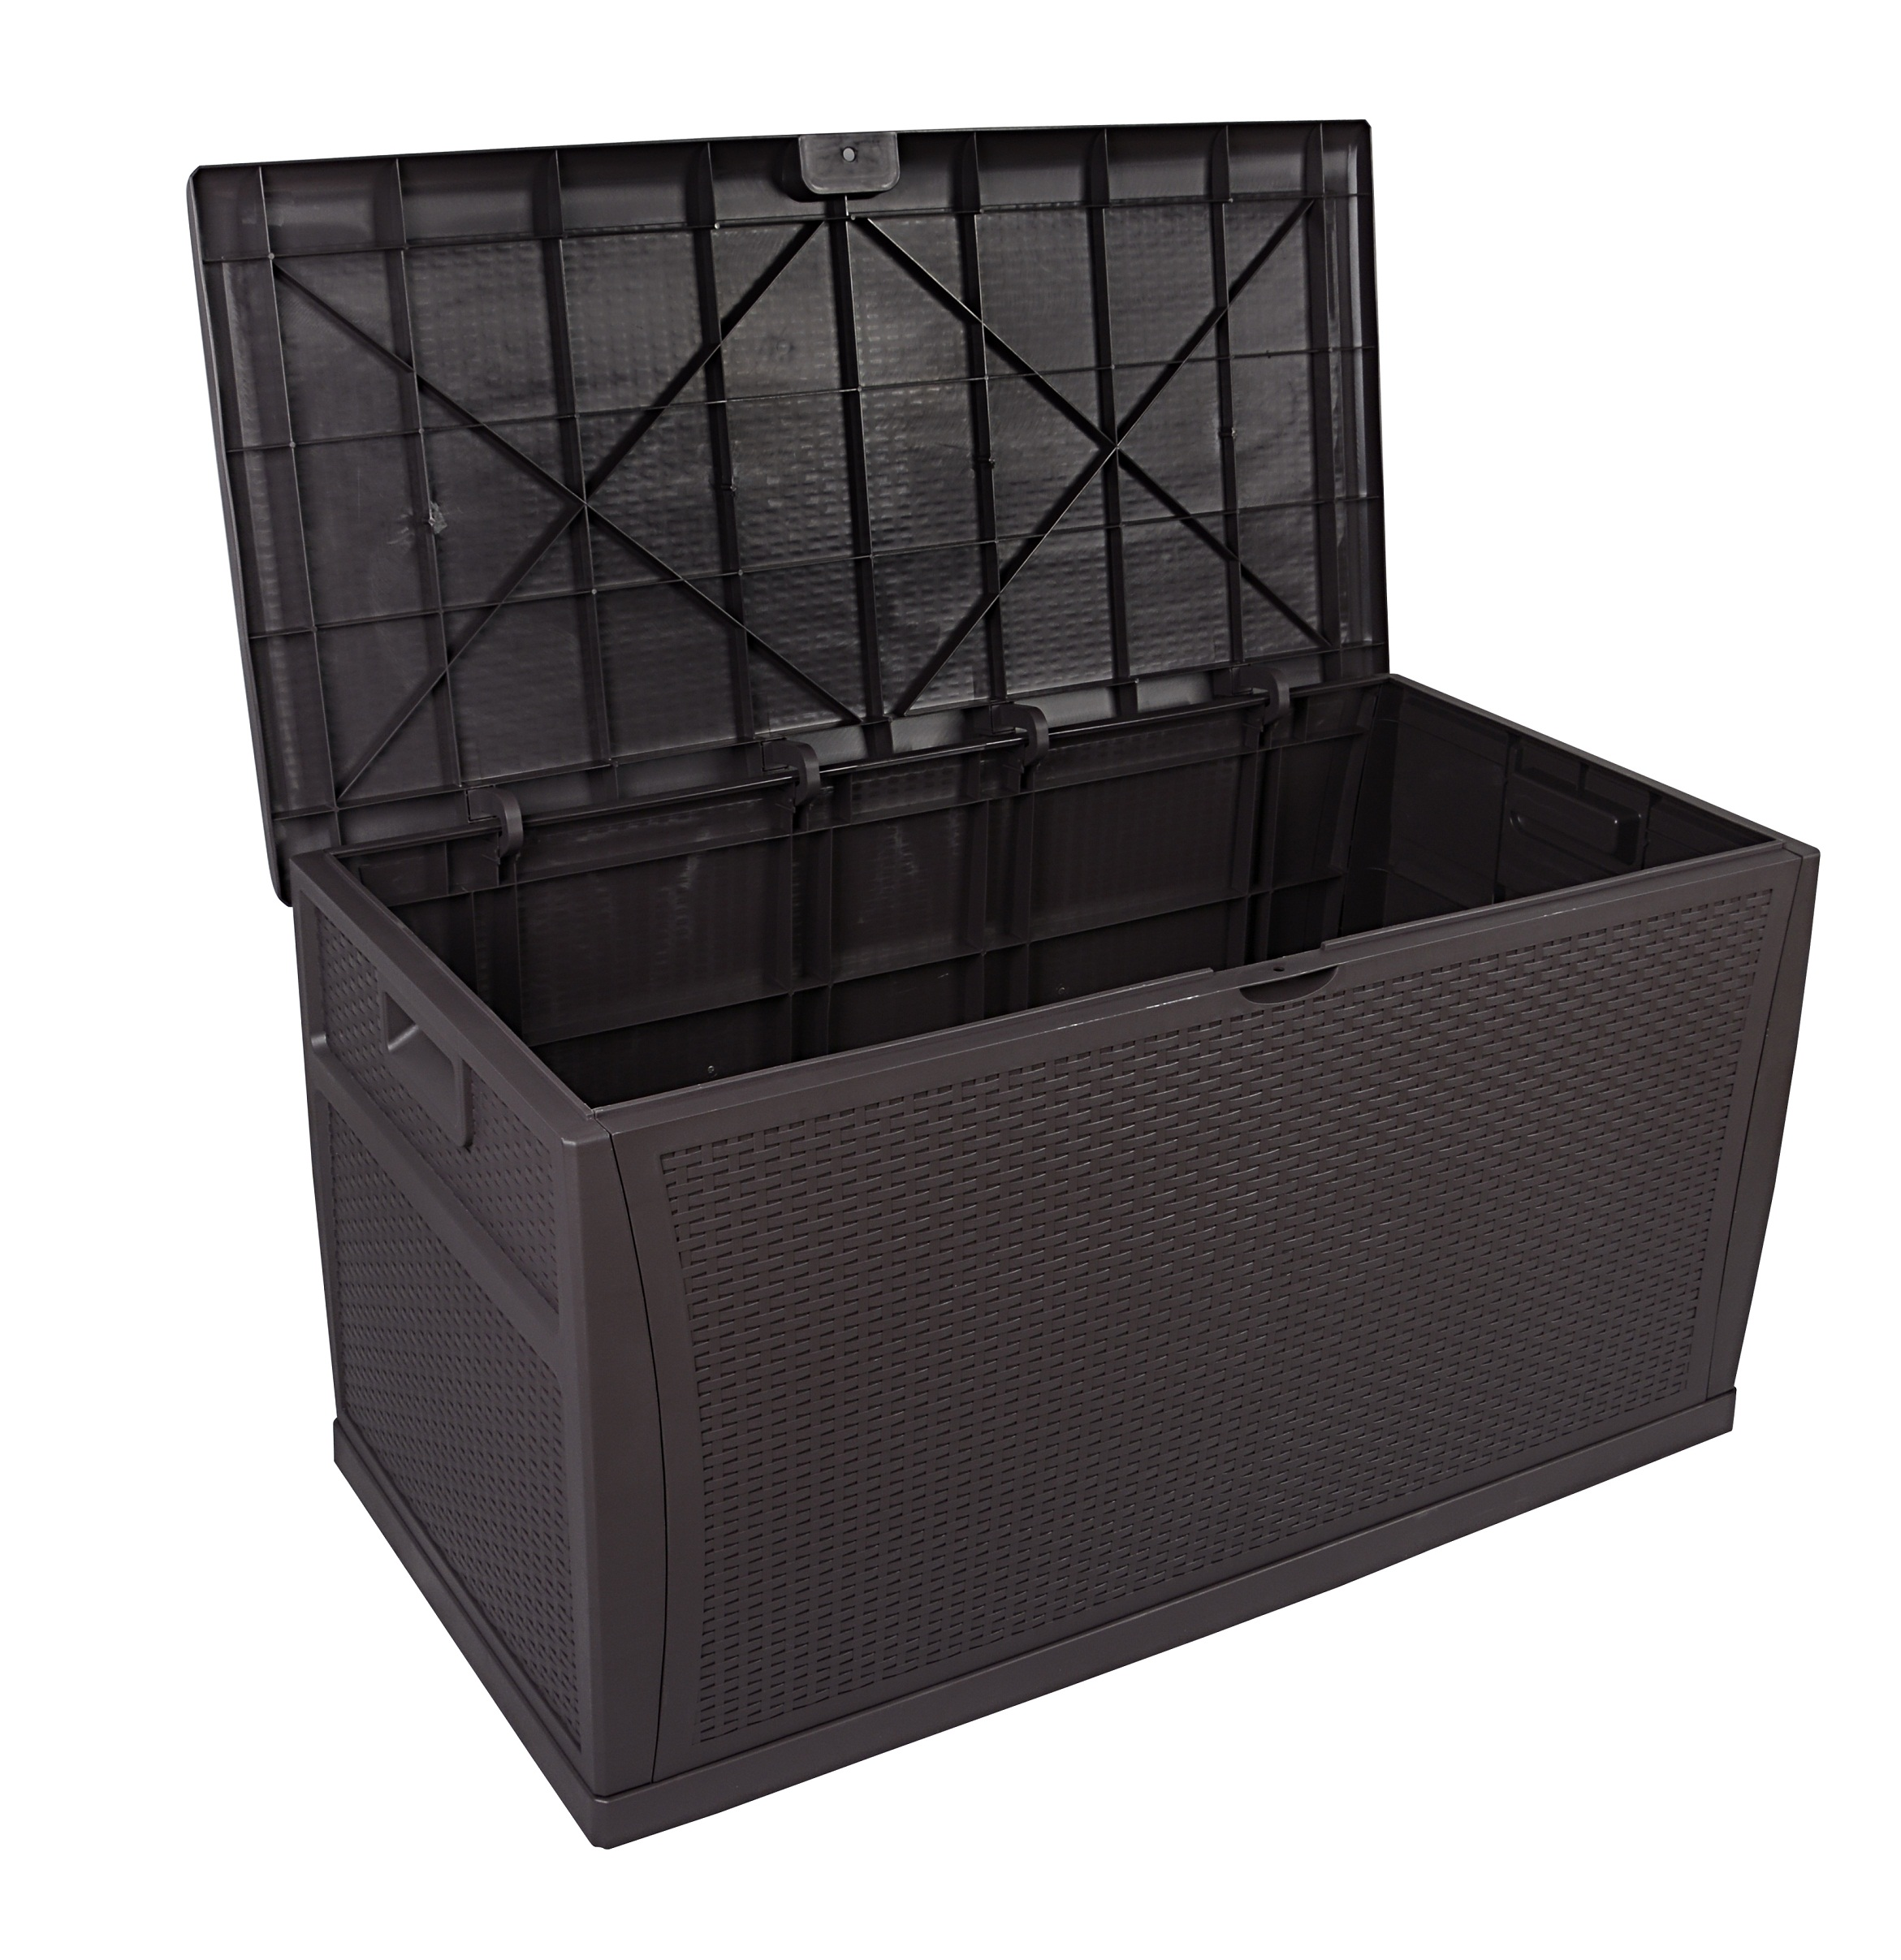 Вместительные садовые контейнеры для хранения объемом 118 галлонов, пластиковая смола, ротанговый стиль, коробка для хранения